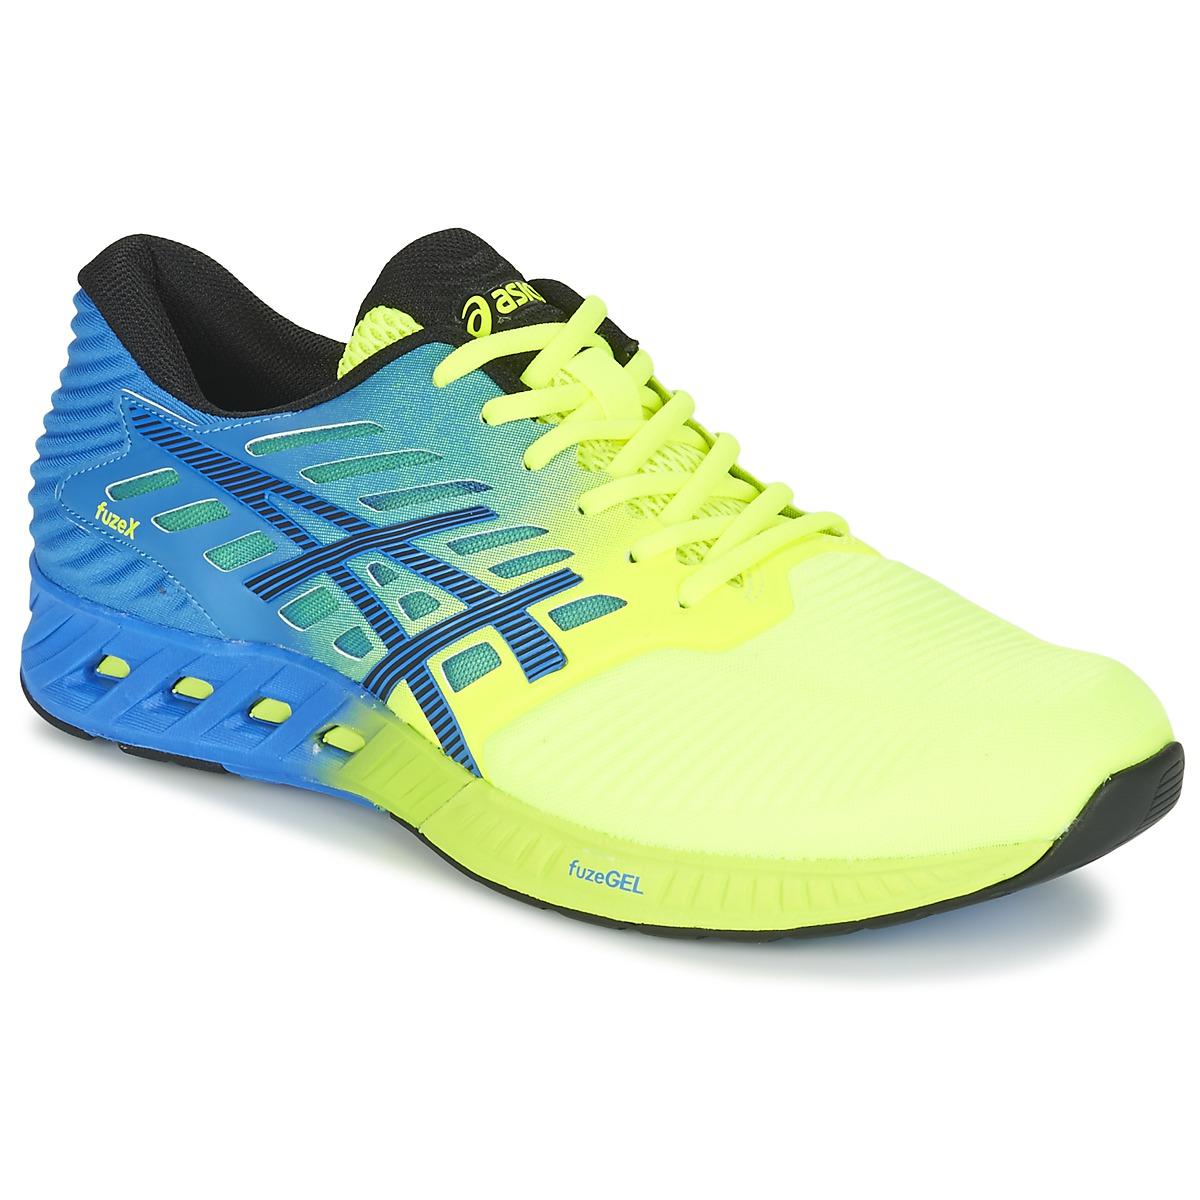 Chaussures-de-running Asics FUZEX Bleu / Jaune